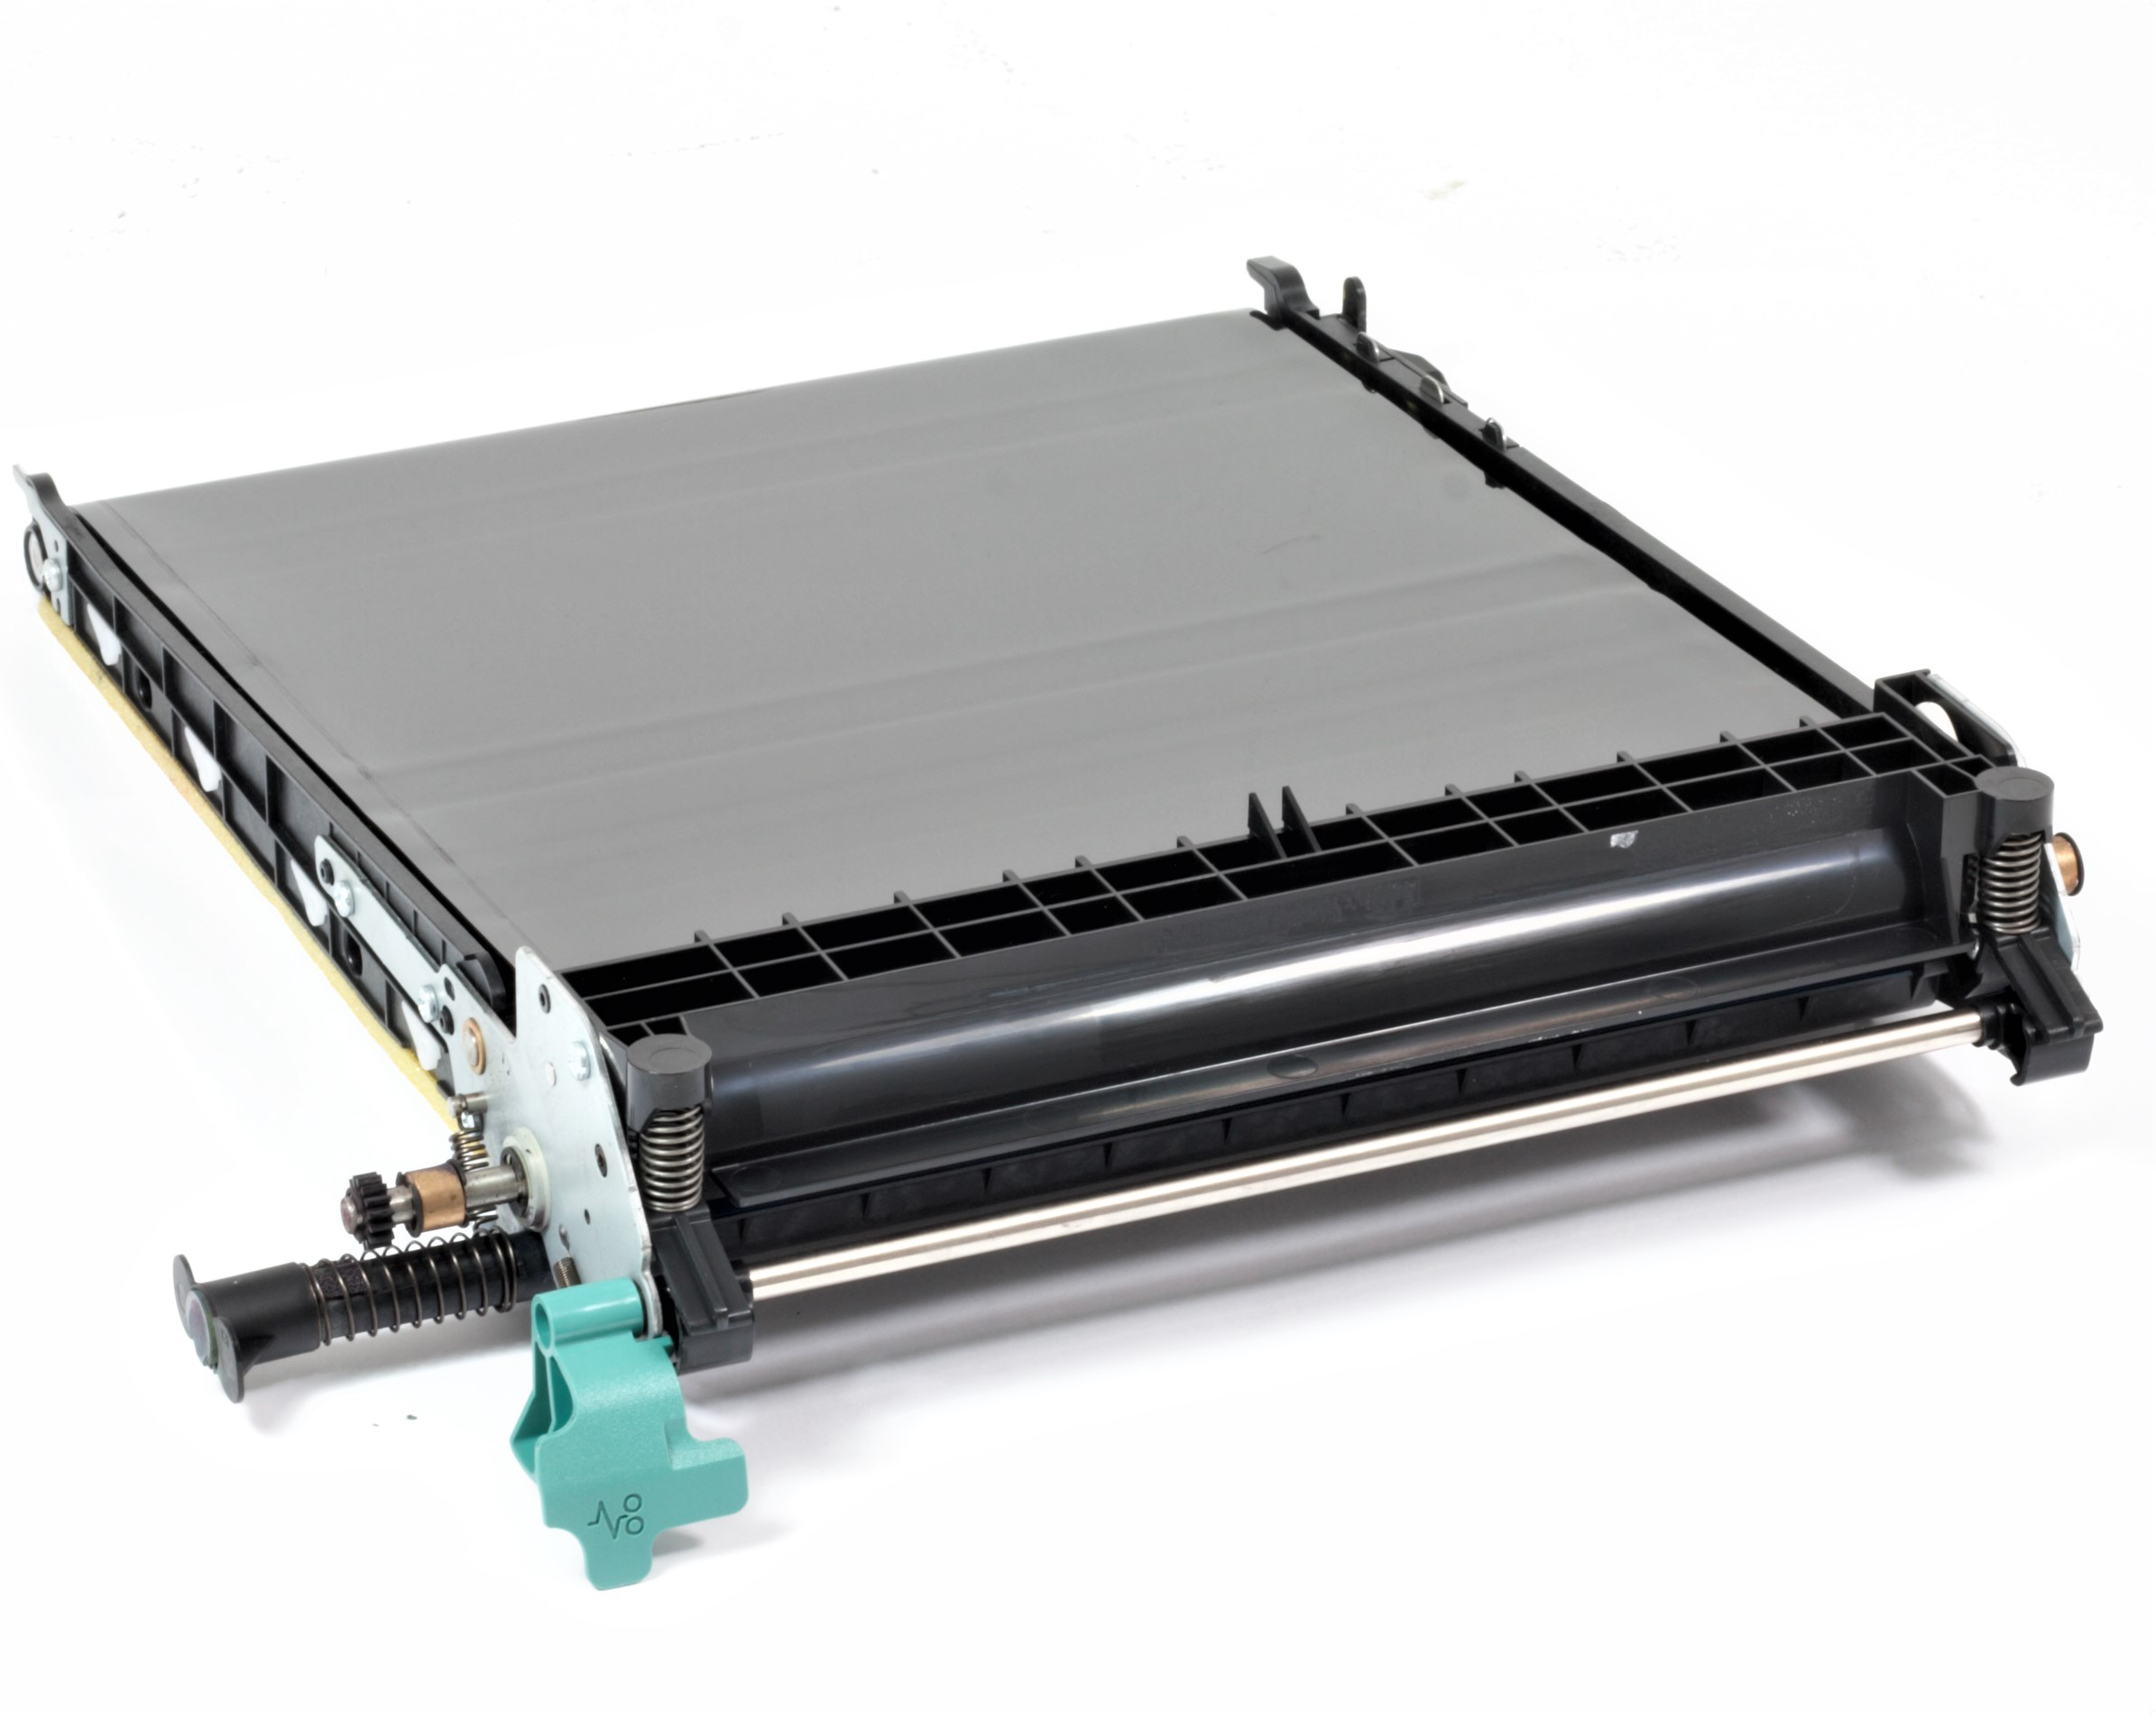 Lexmark 40X5403 Transferband Transfer Unit für C540 C543 C544 C546 X544 gebraucht